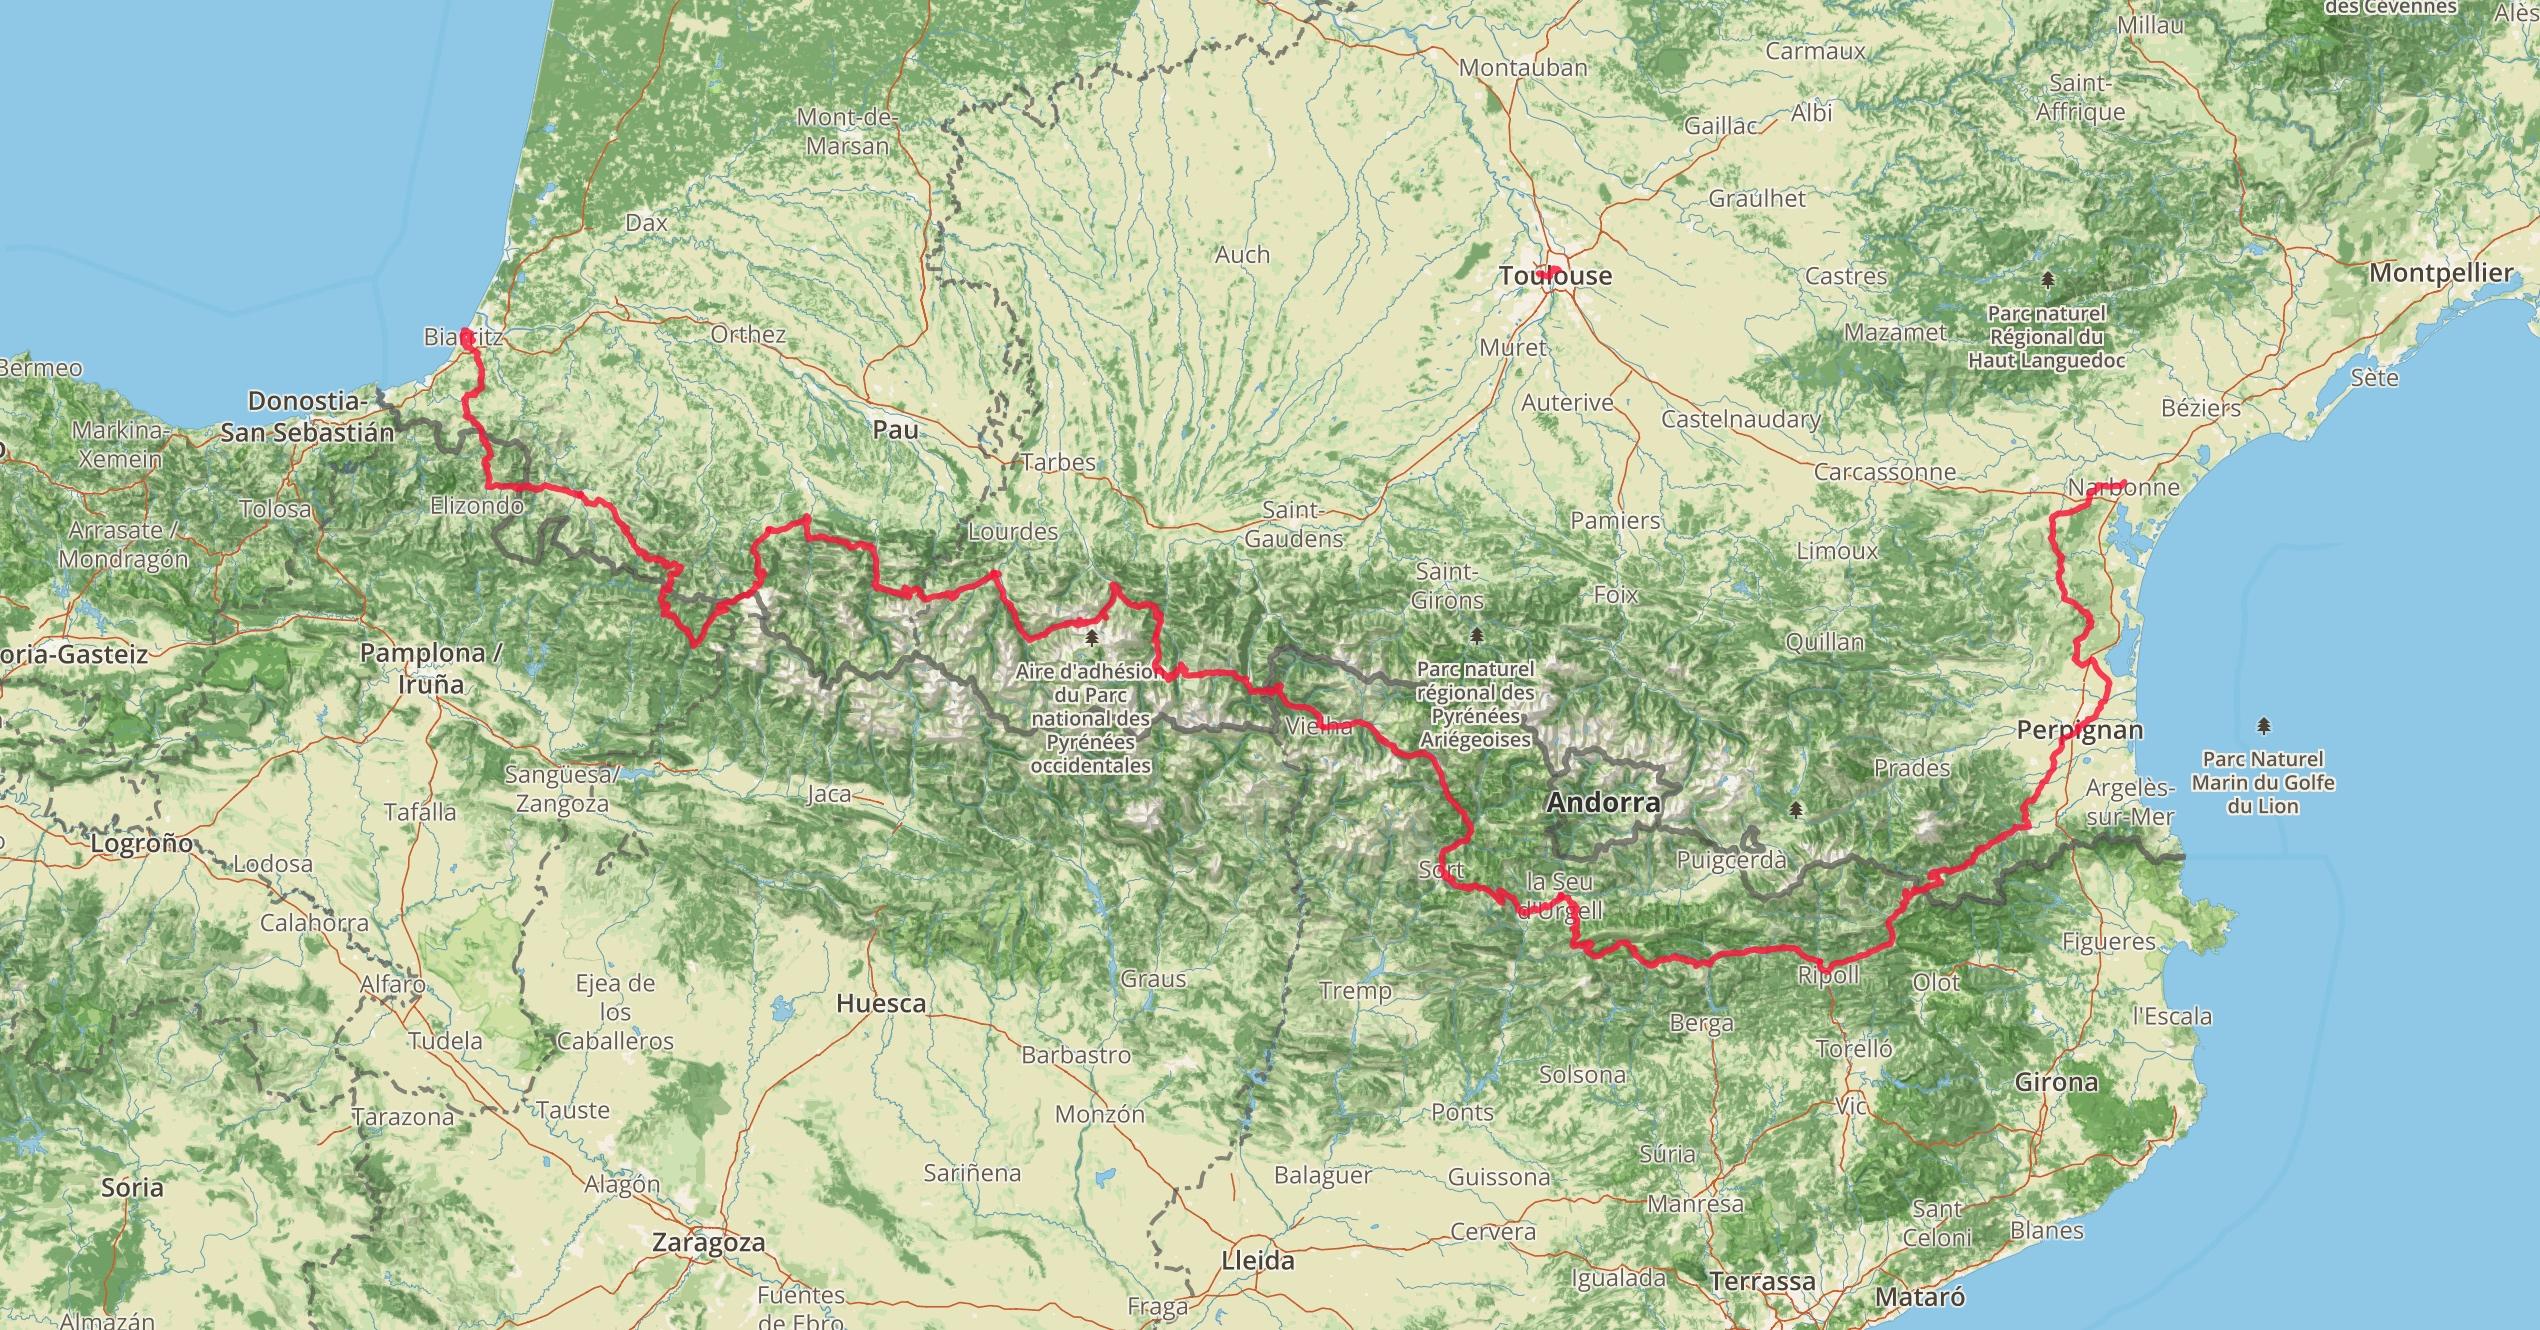 20161231_PyreneesMap